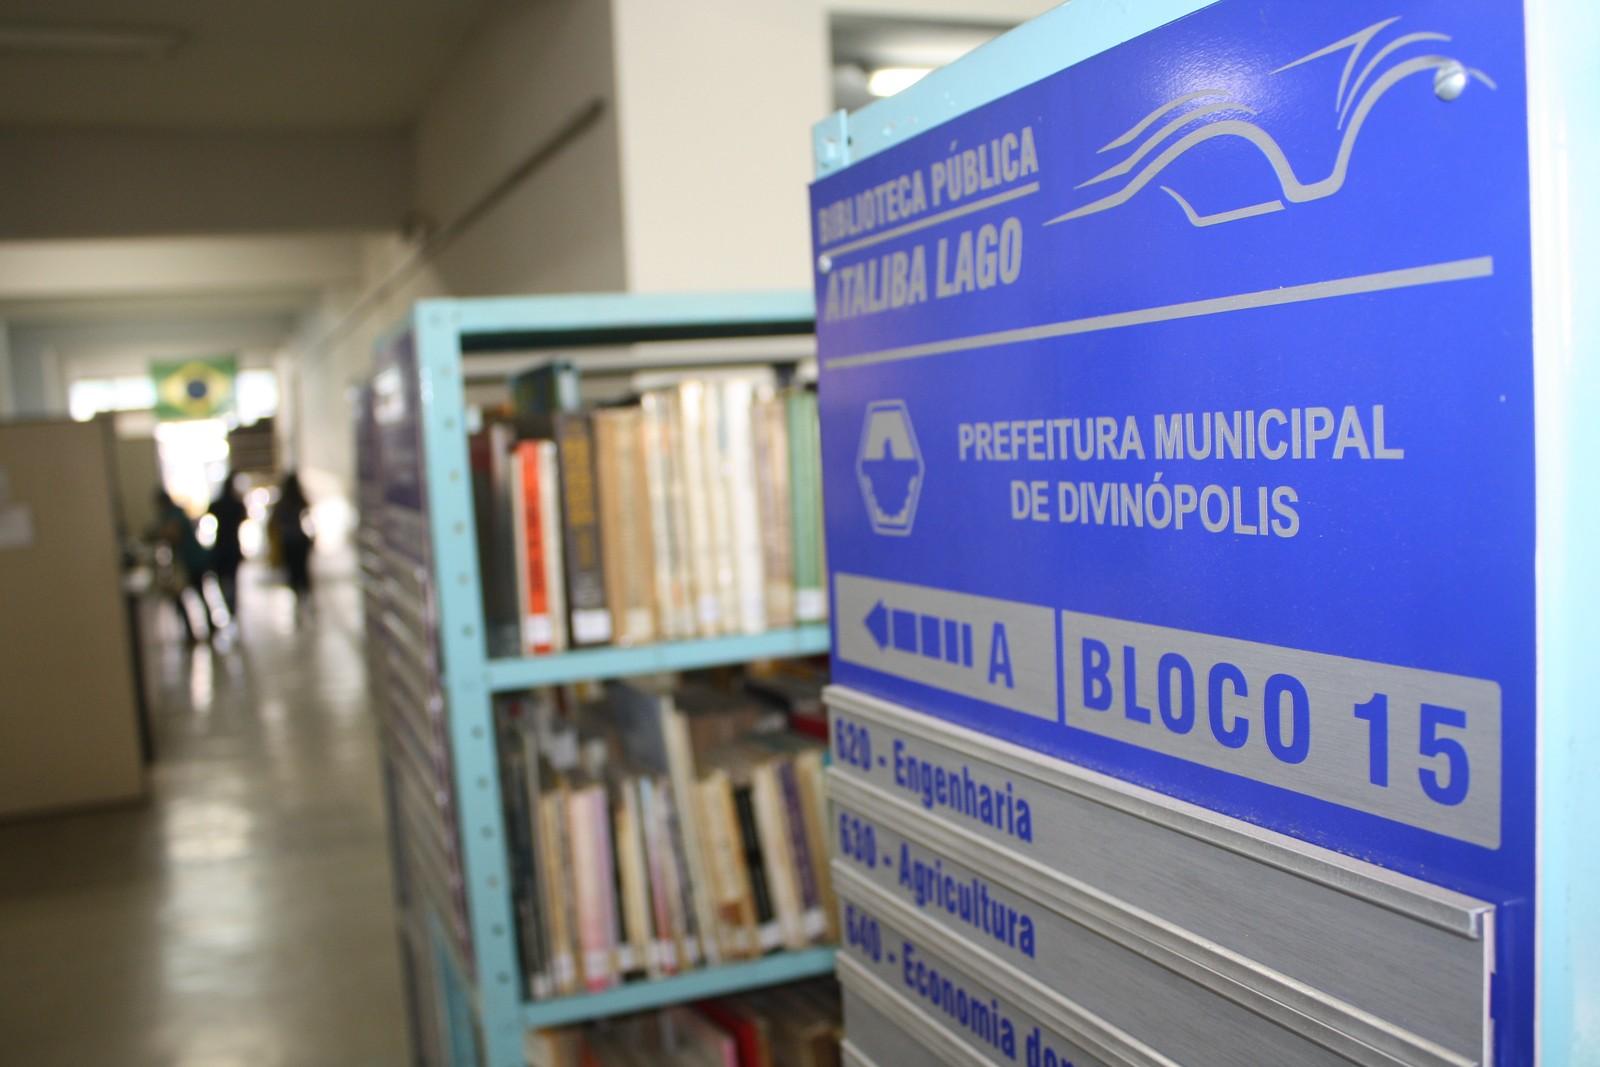 Biblioteca Municipal de Divinópolis será fechada para investário durante todo o mês de julho (Foto: Prefeitura de Divinópolis)